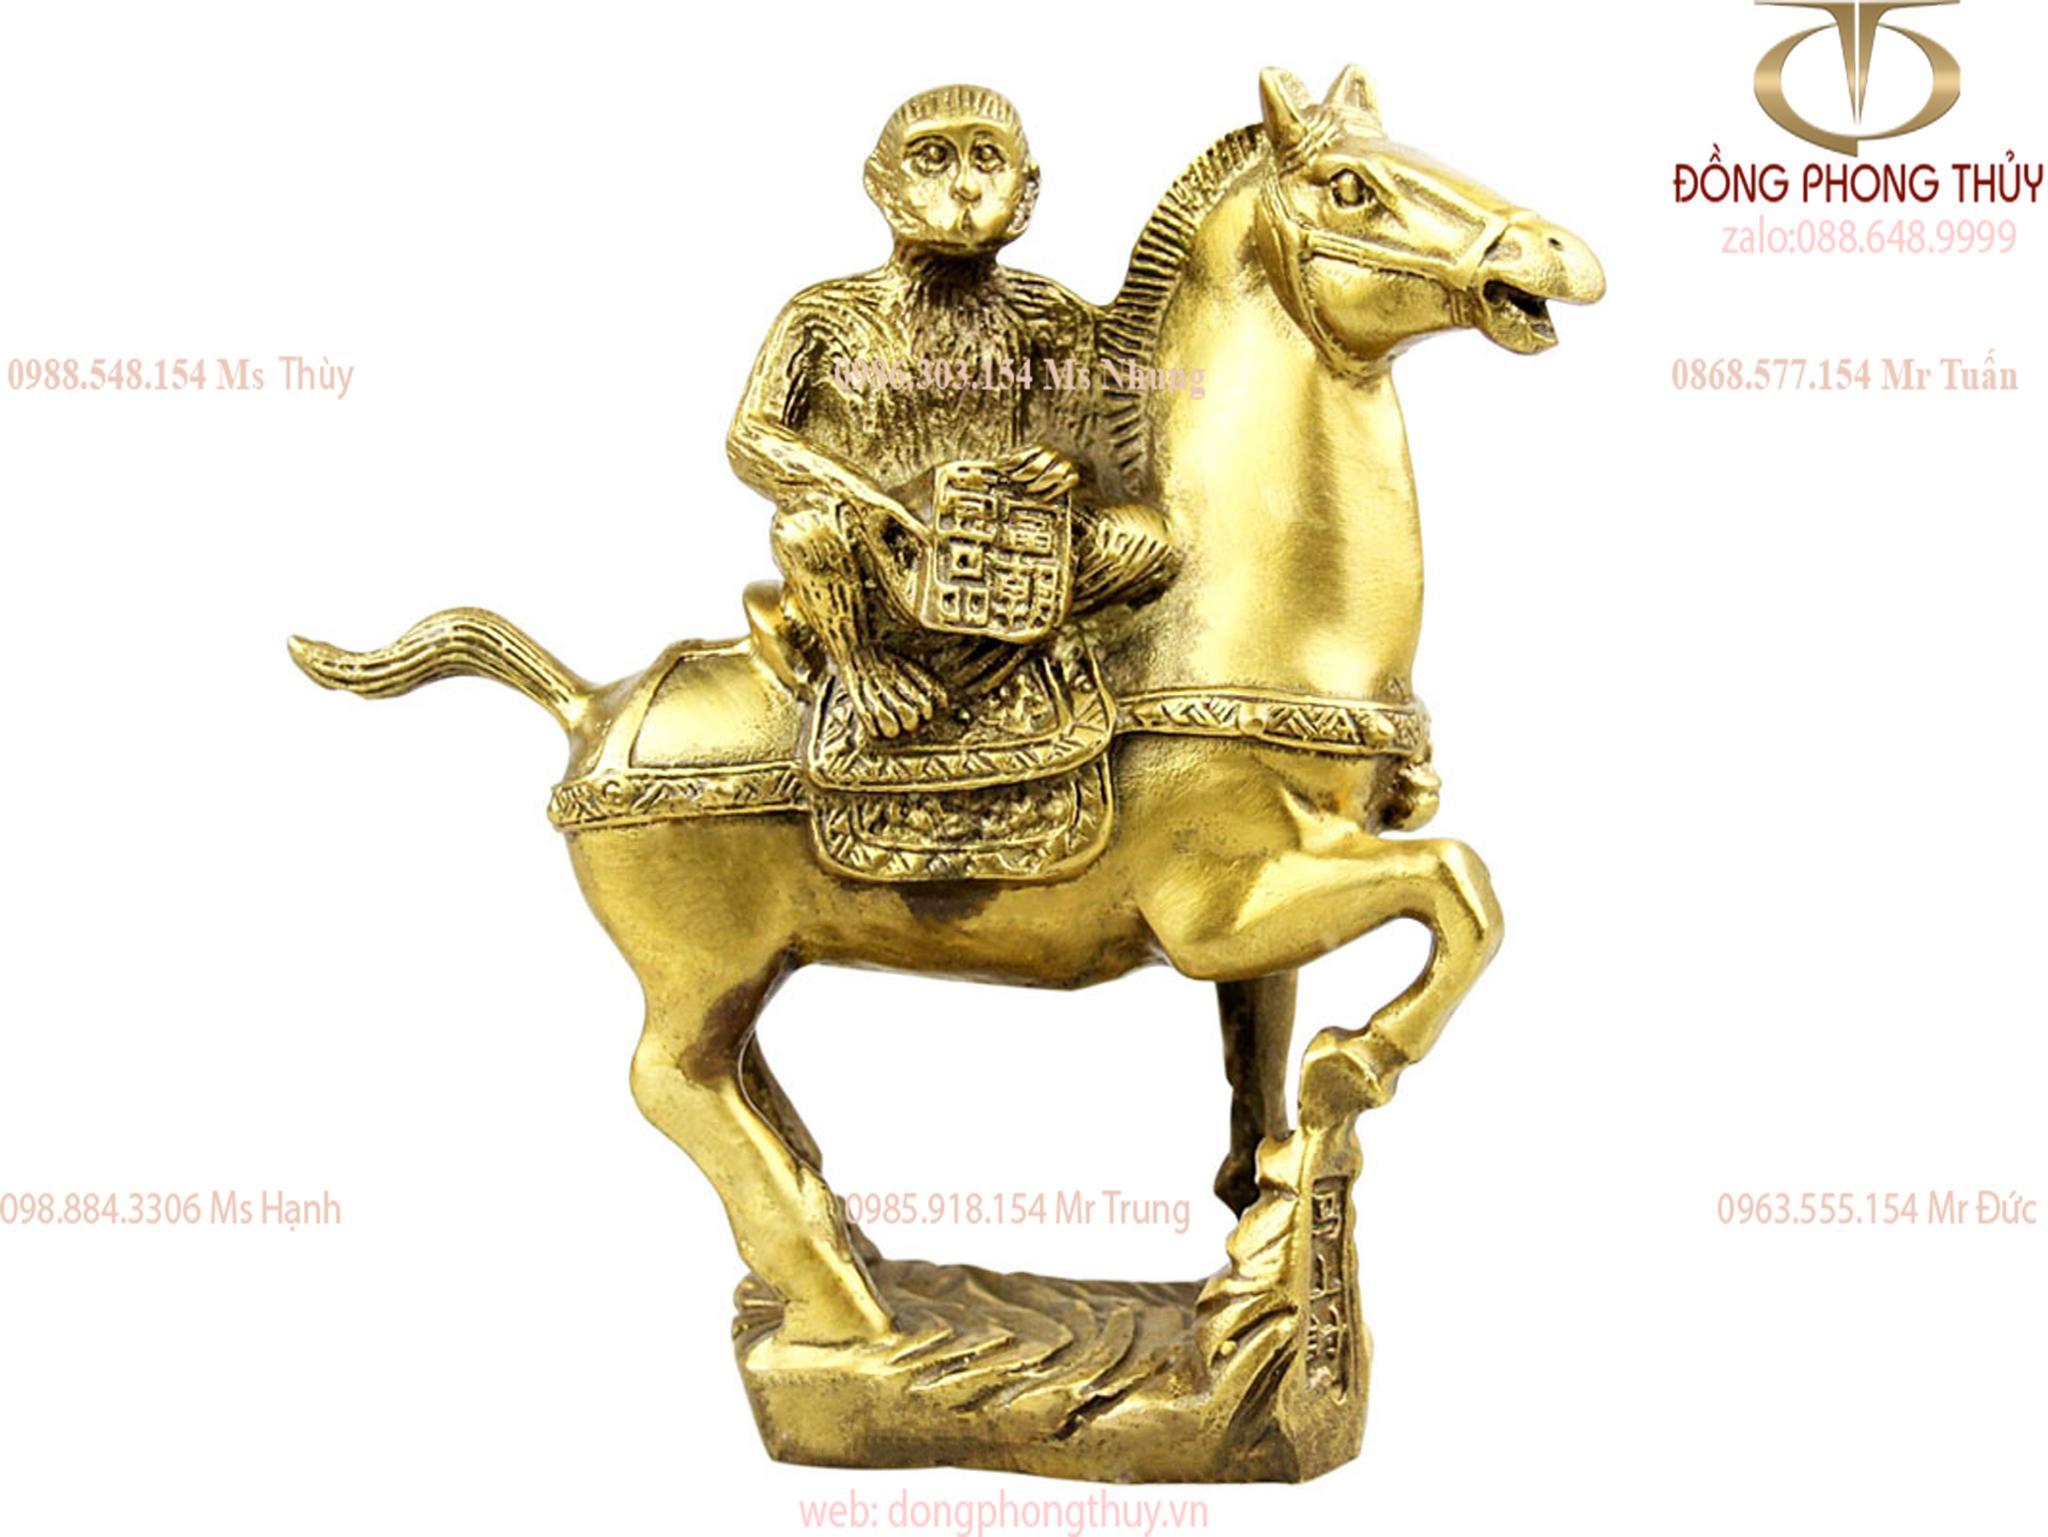 Tượng khỉ cưỡi ngựa mã thượng phong hầu